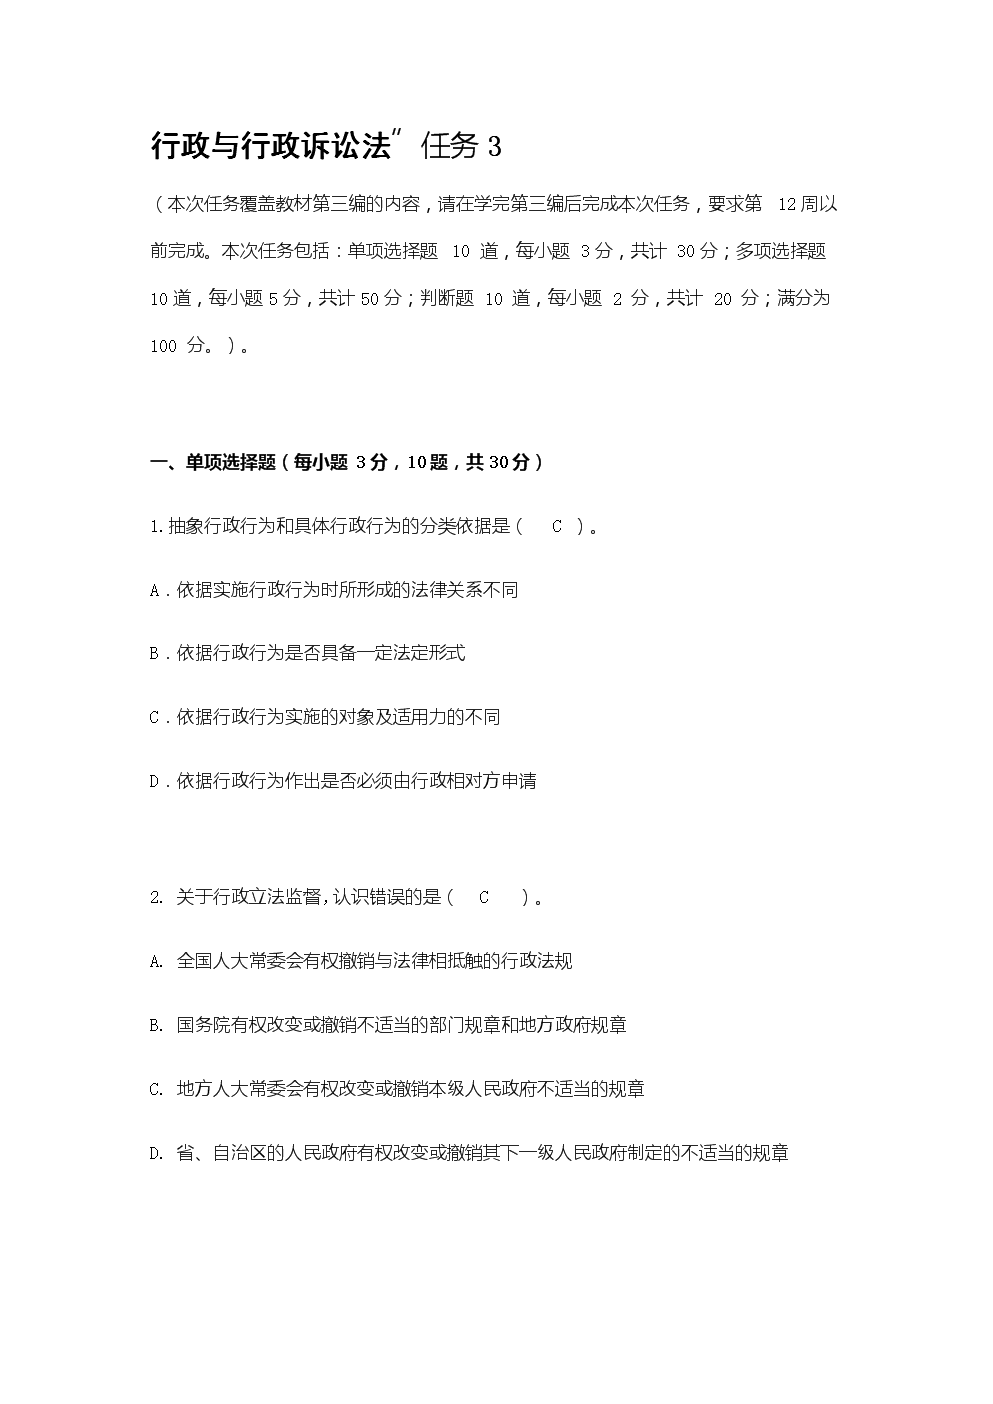 """行政与行政诉讼法""""任务3答案.docx"""